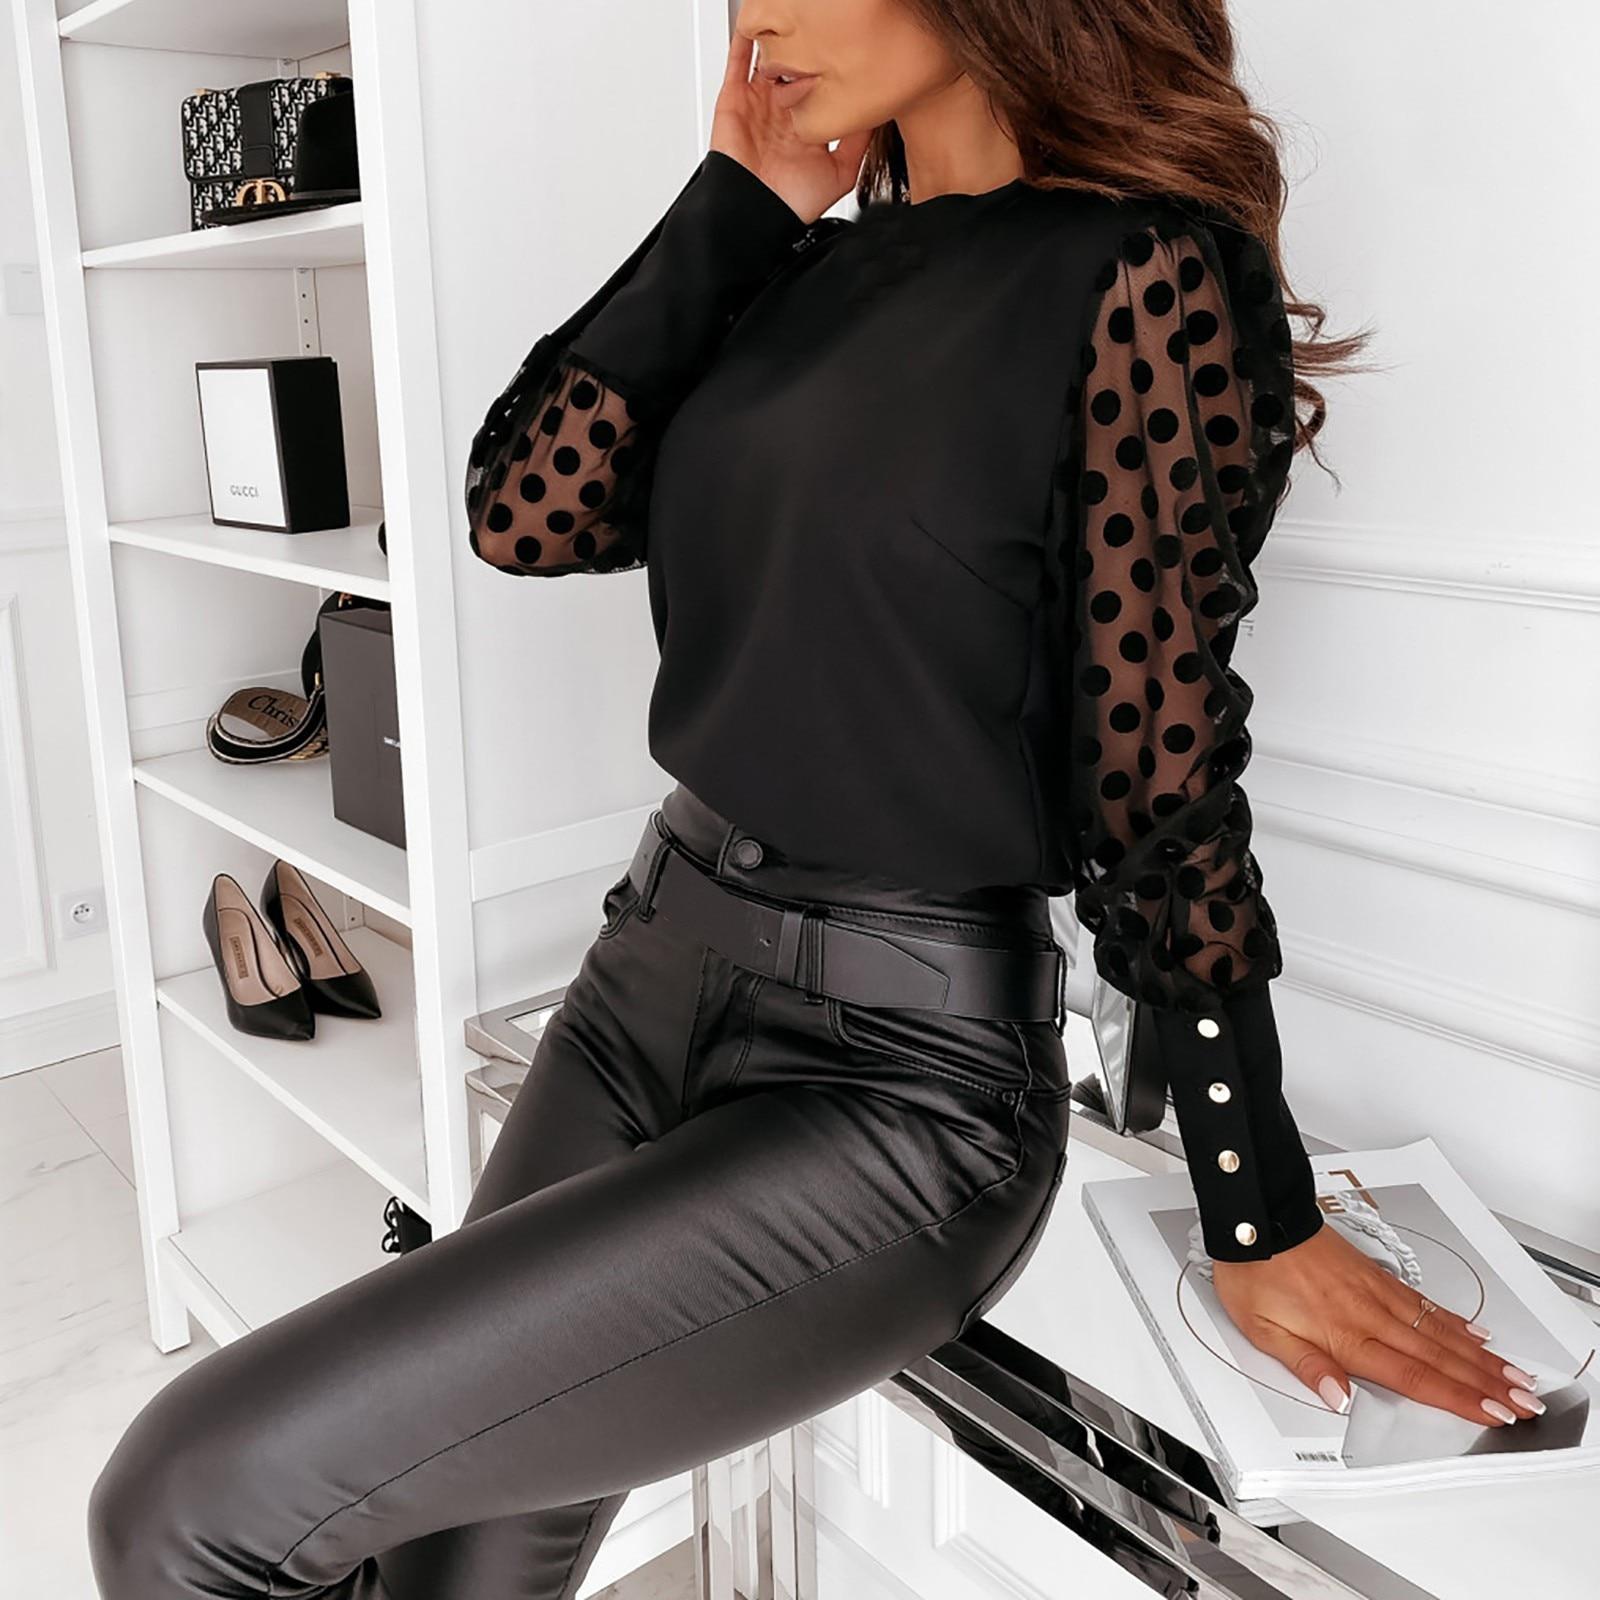 40 # женские кружевные блузки с пышным длинным-рукавами Повседневное свободные блузы с круглым вырезом, с узором в горошек женские офисные ру...